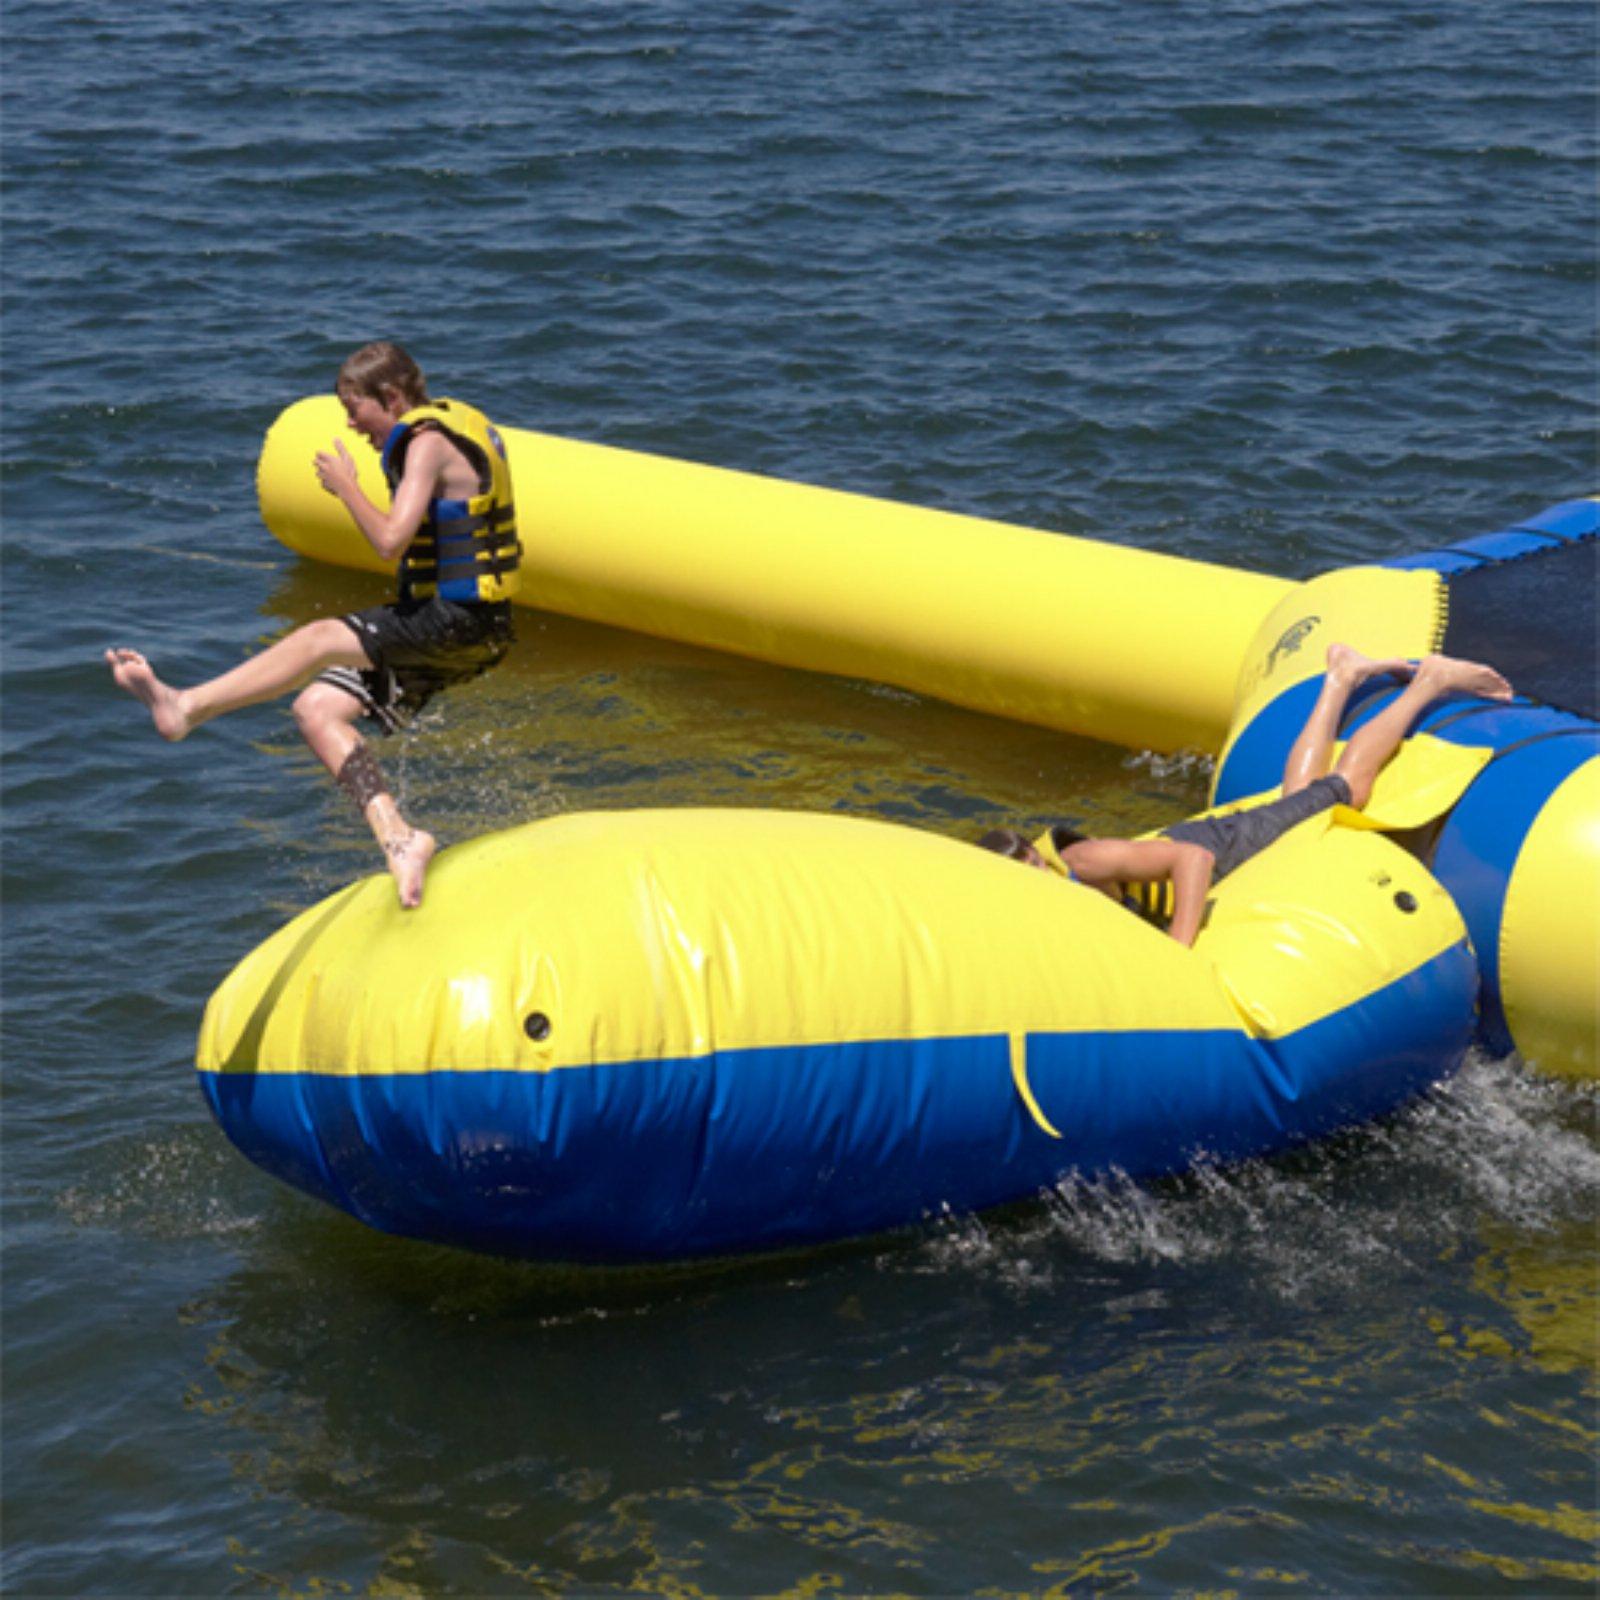 RAVE Sports Aqua Launch Water Trampoline Attachment